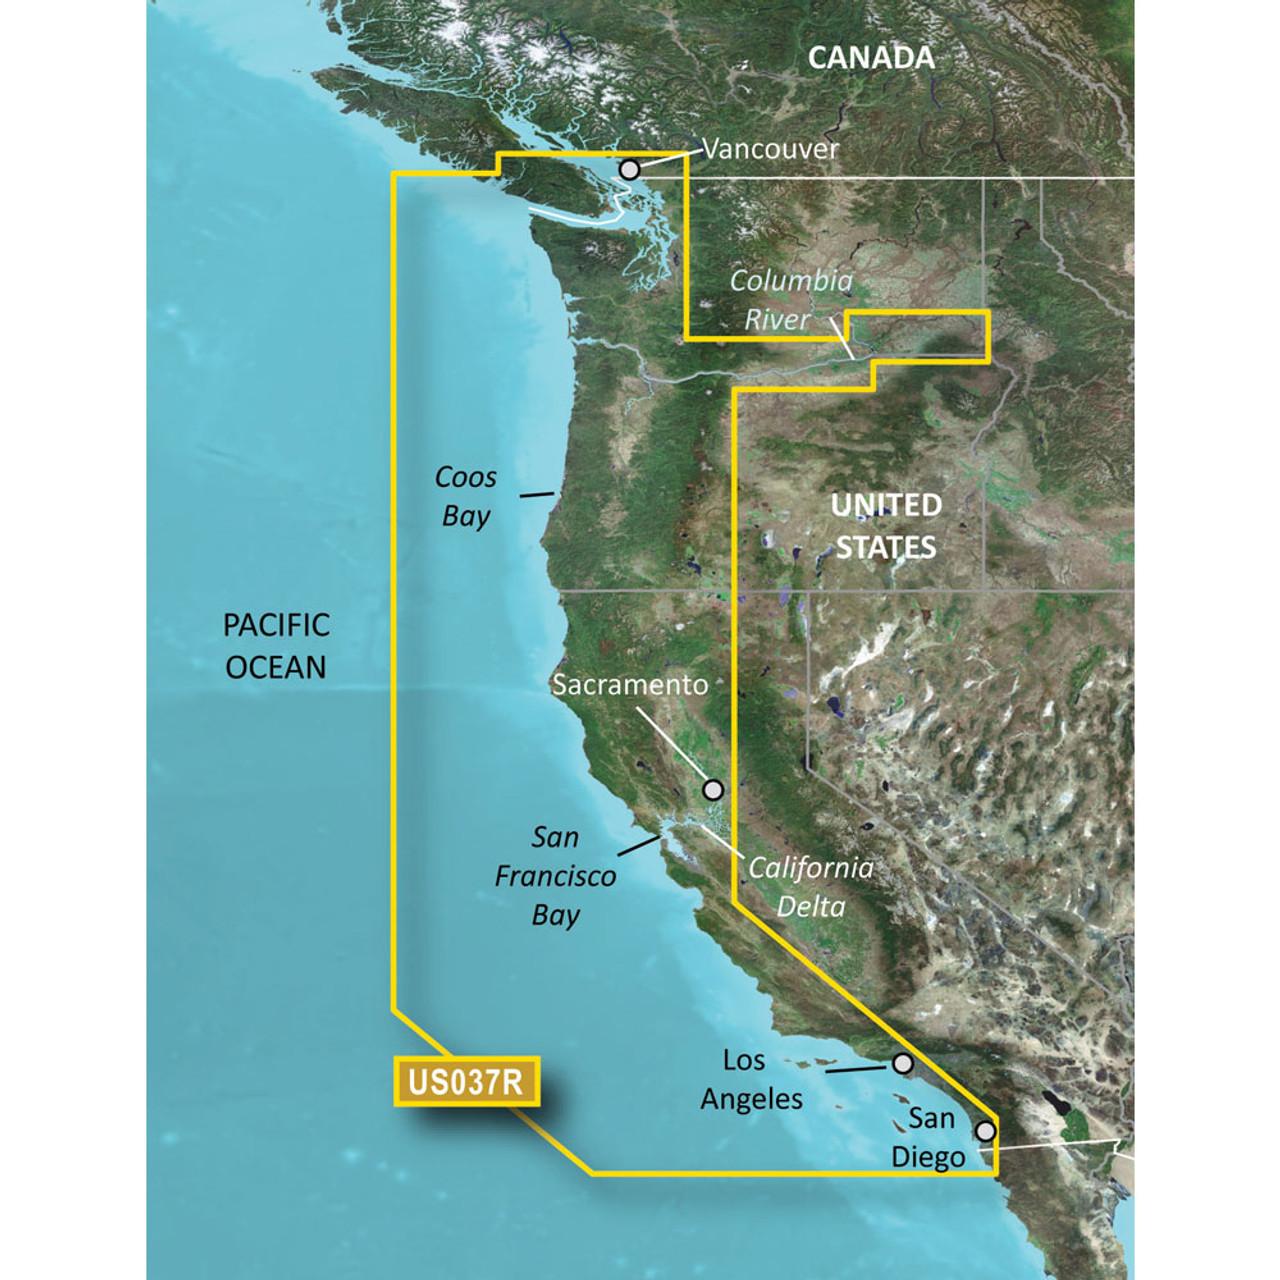 Vancouver -Dixon Entrance 2016 Garmin BlueChart g2 Vision HD VCA501L Puget Sound